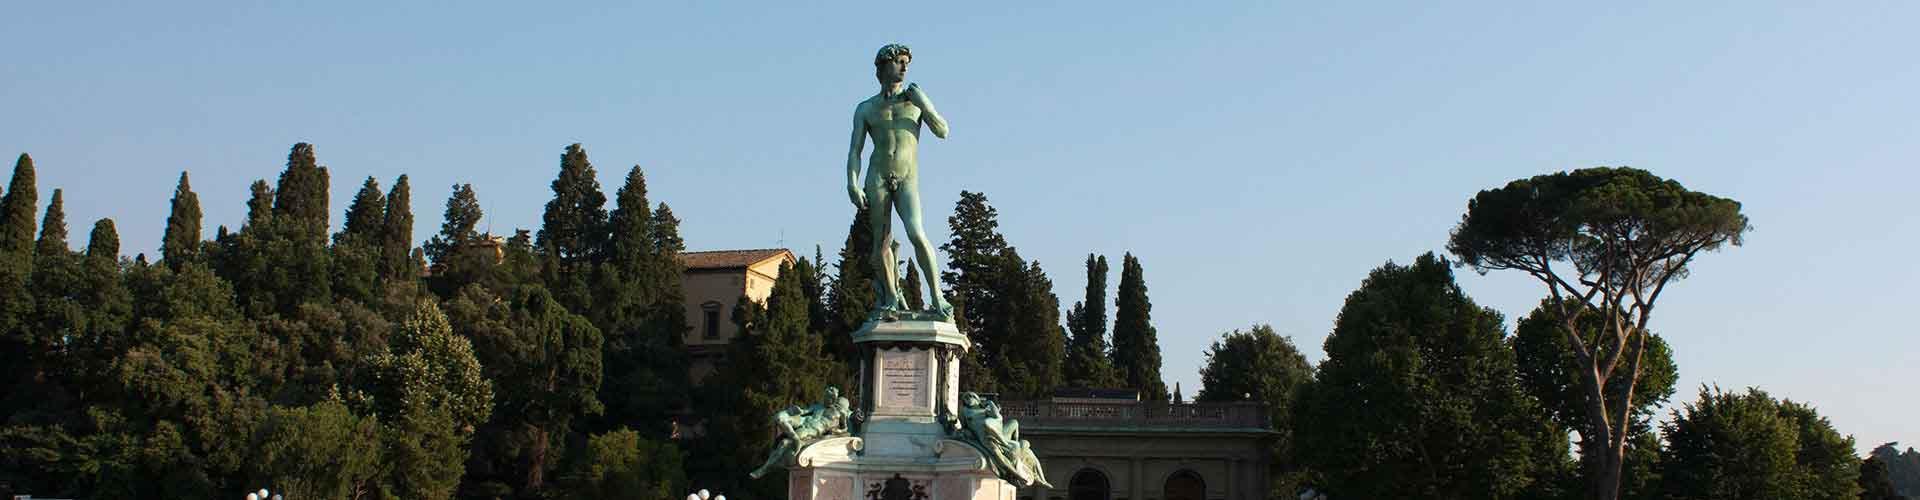 Firenze - Ostelli a Firenze - OstelliDellaGioventu.com